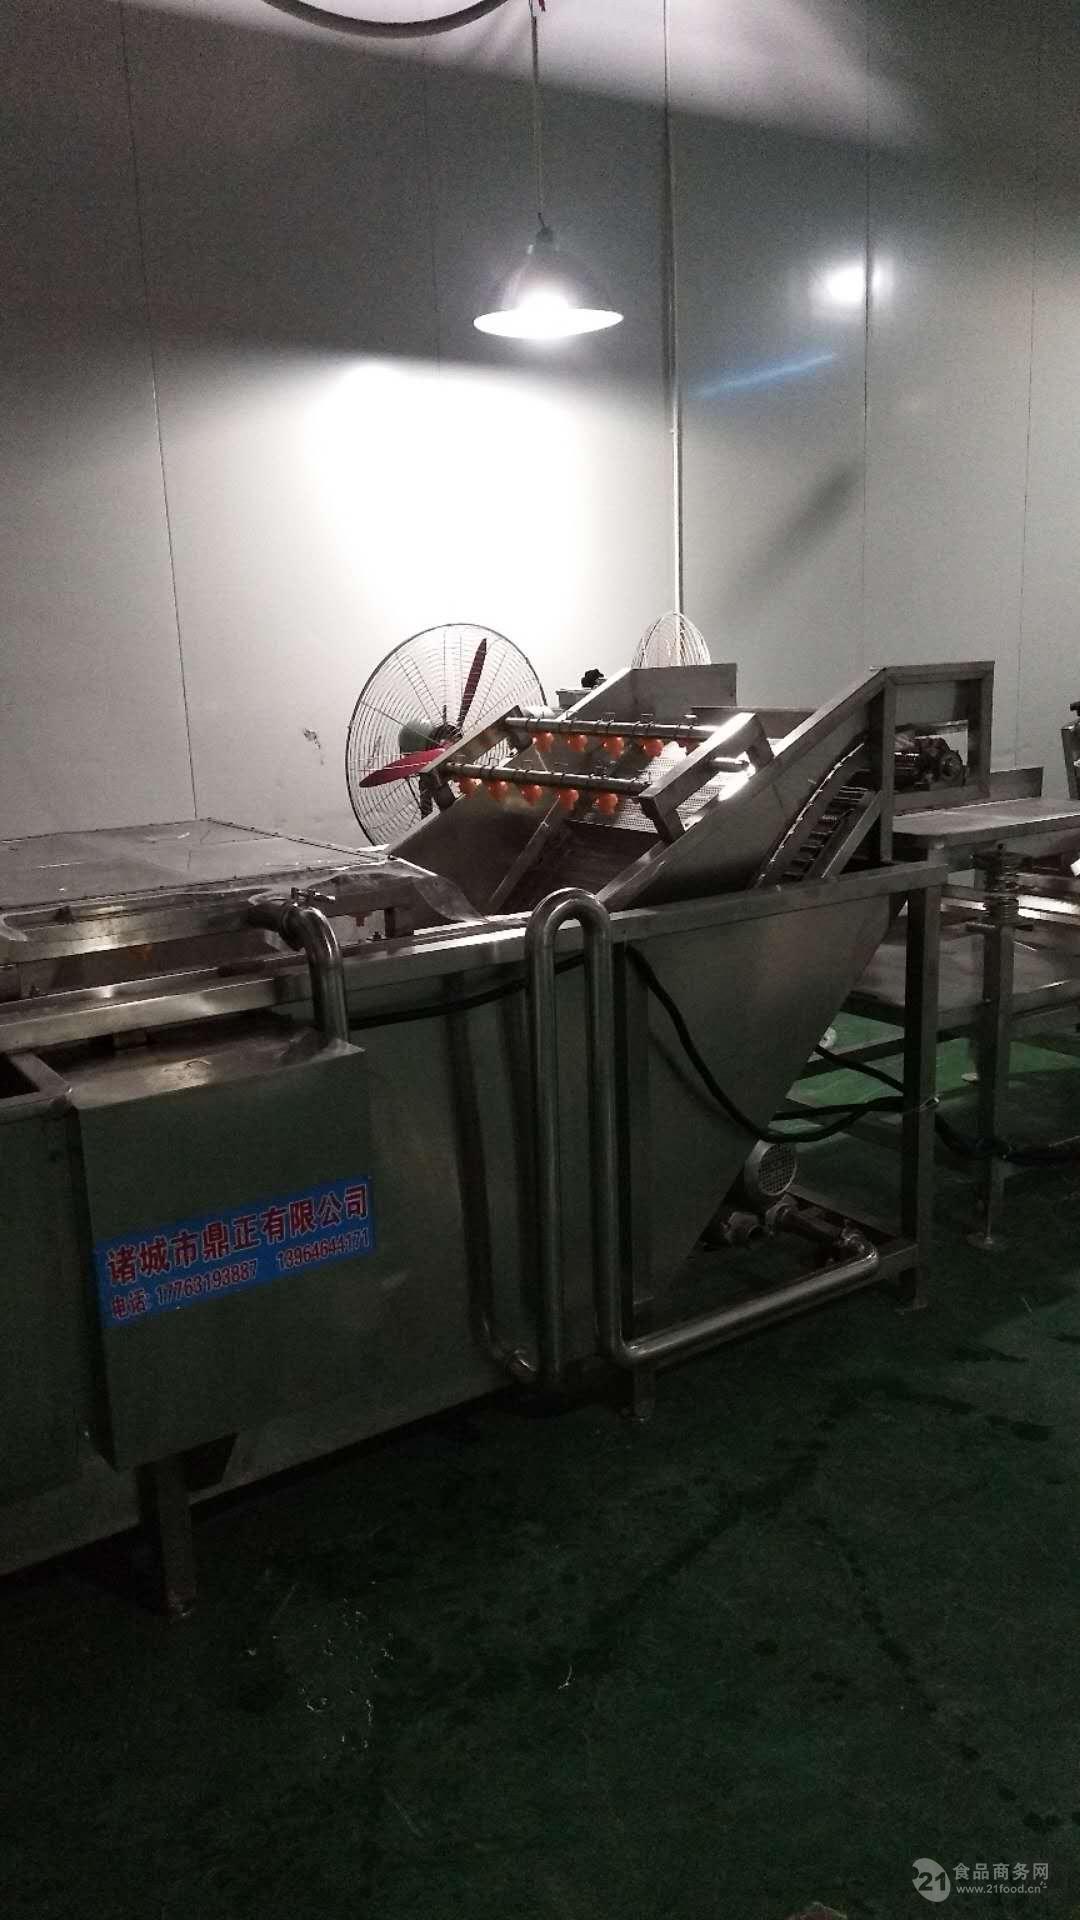 供应高压气泡水浴叶类蔬菜清洗机 厂家直销